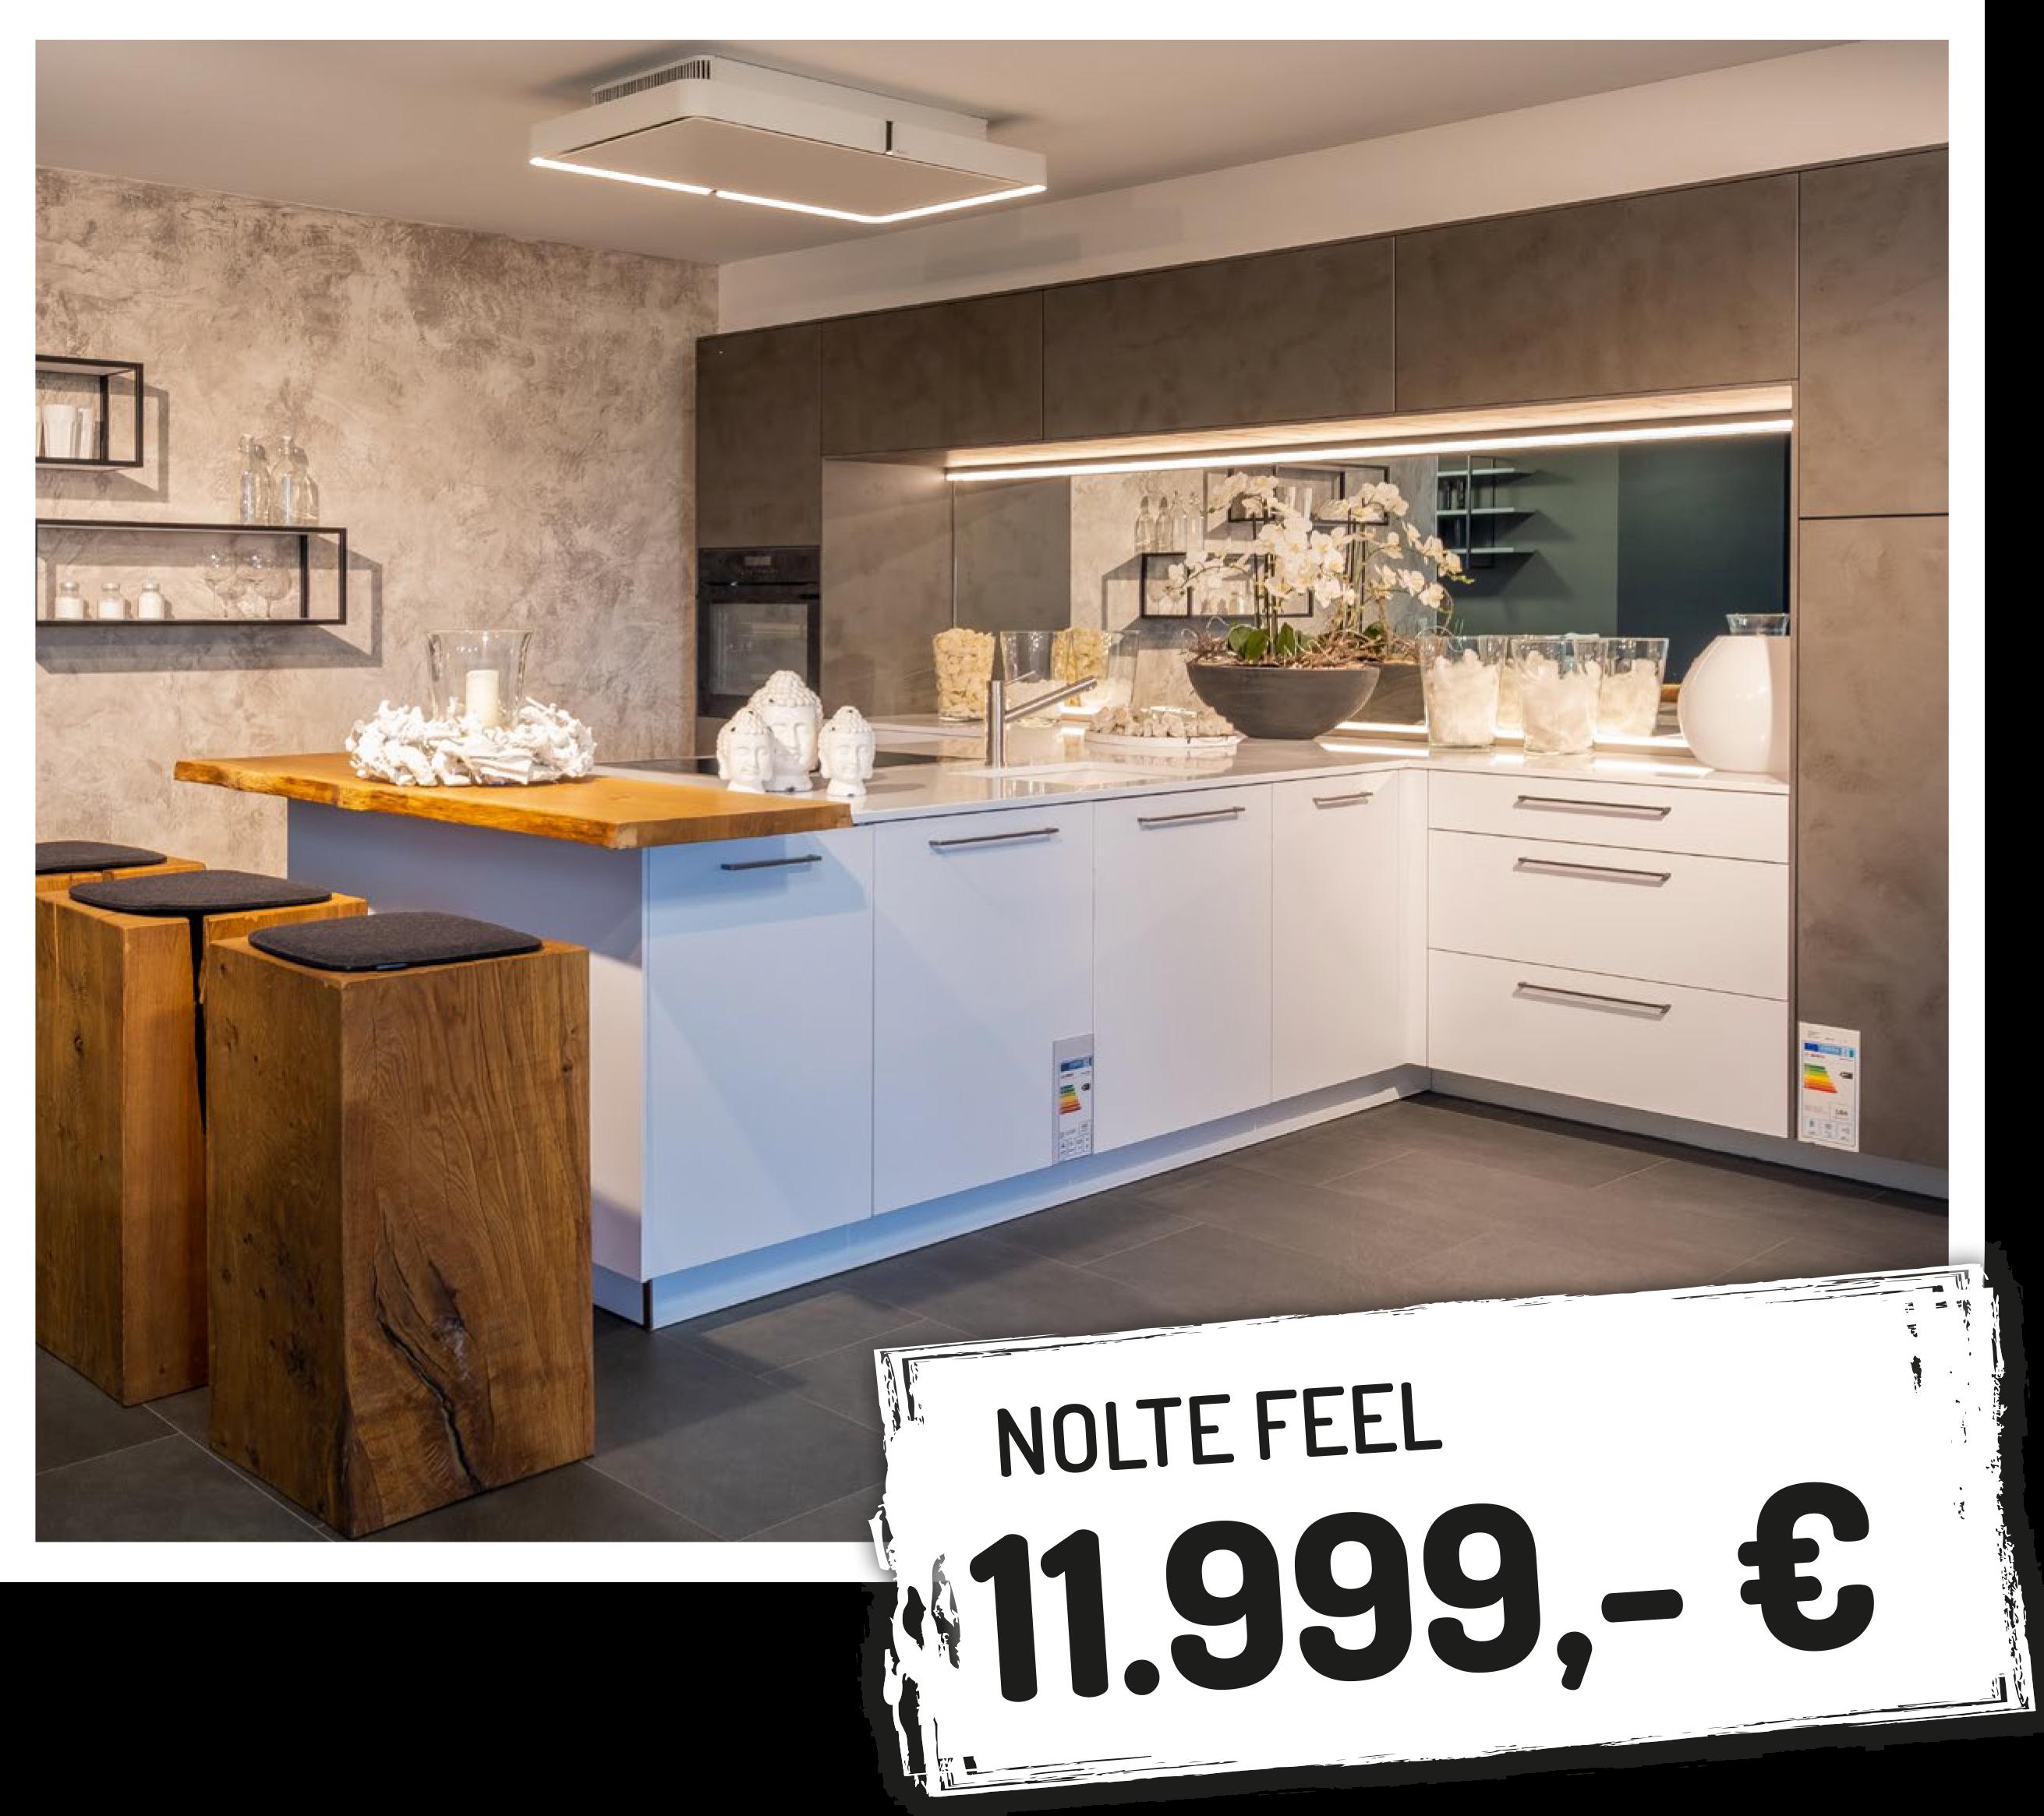 nolte-Feel1